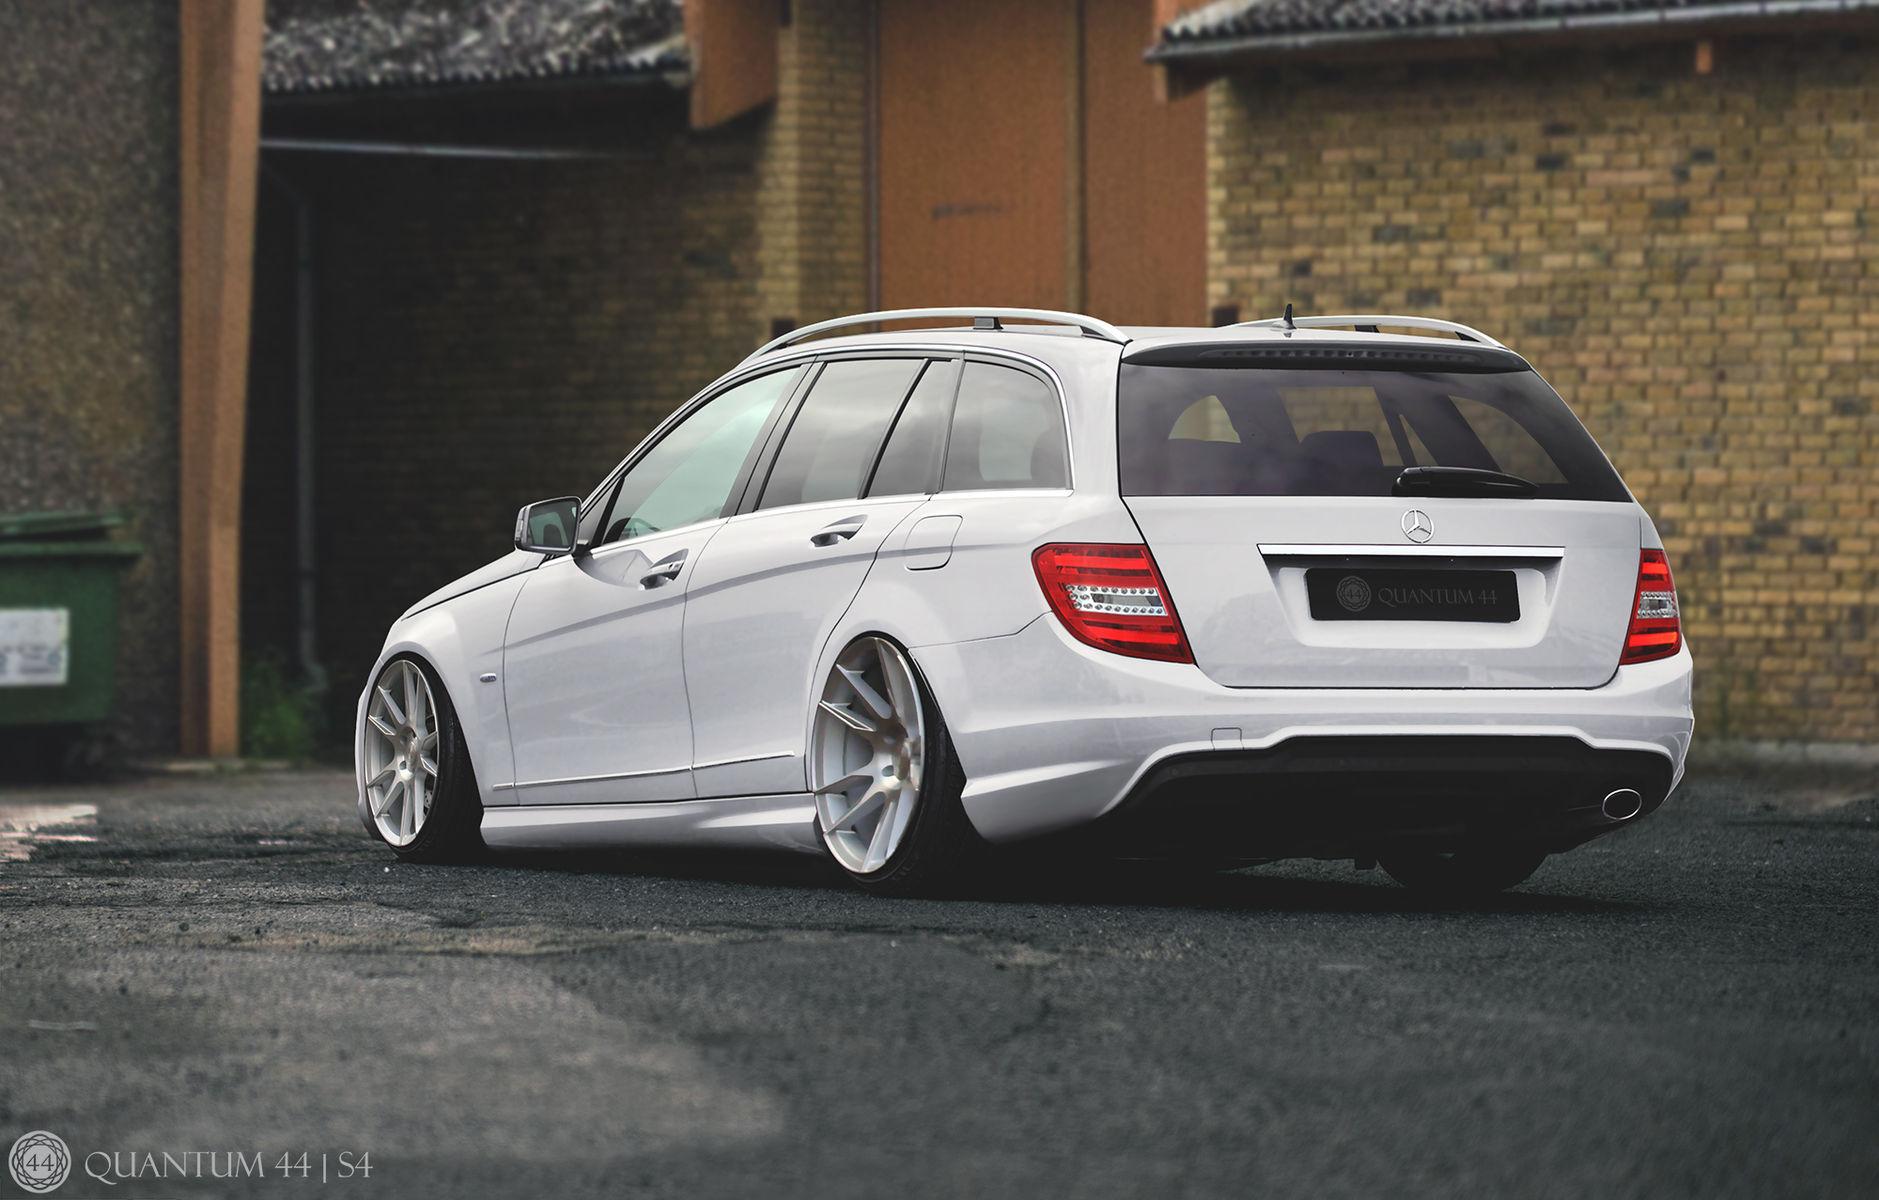 Mercedes-Benz C-Class | Quantum44 S4 - Mercedes Benz C250 CDI